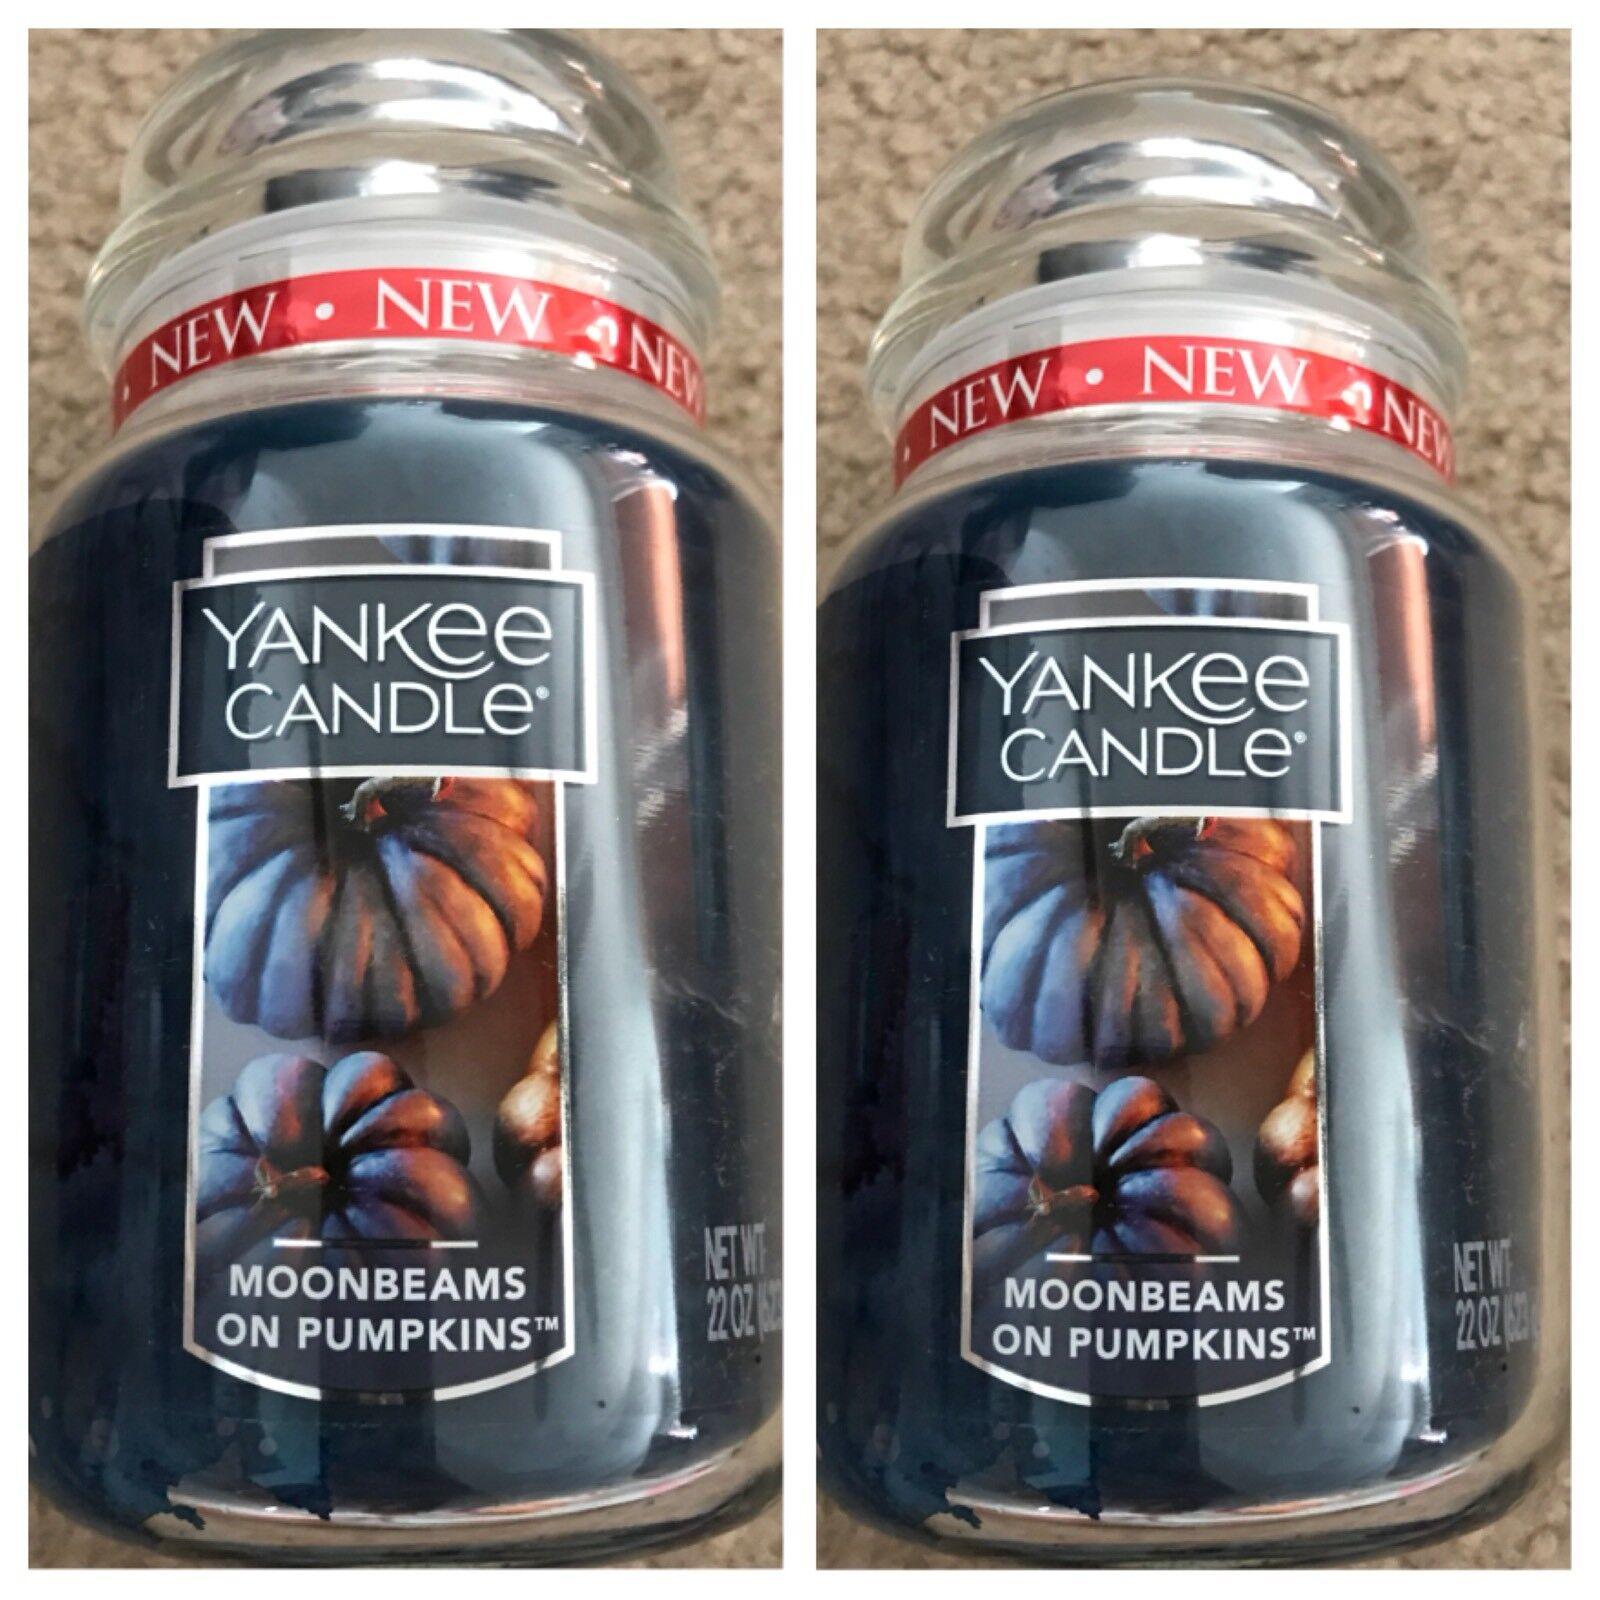 MOONBEAMS N PUMPKINS   SET OF 2- NEW YANKEE CANDLE LARGE JARS 22OZ